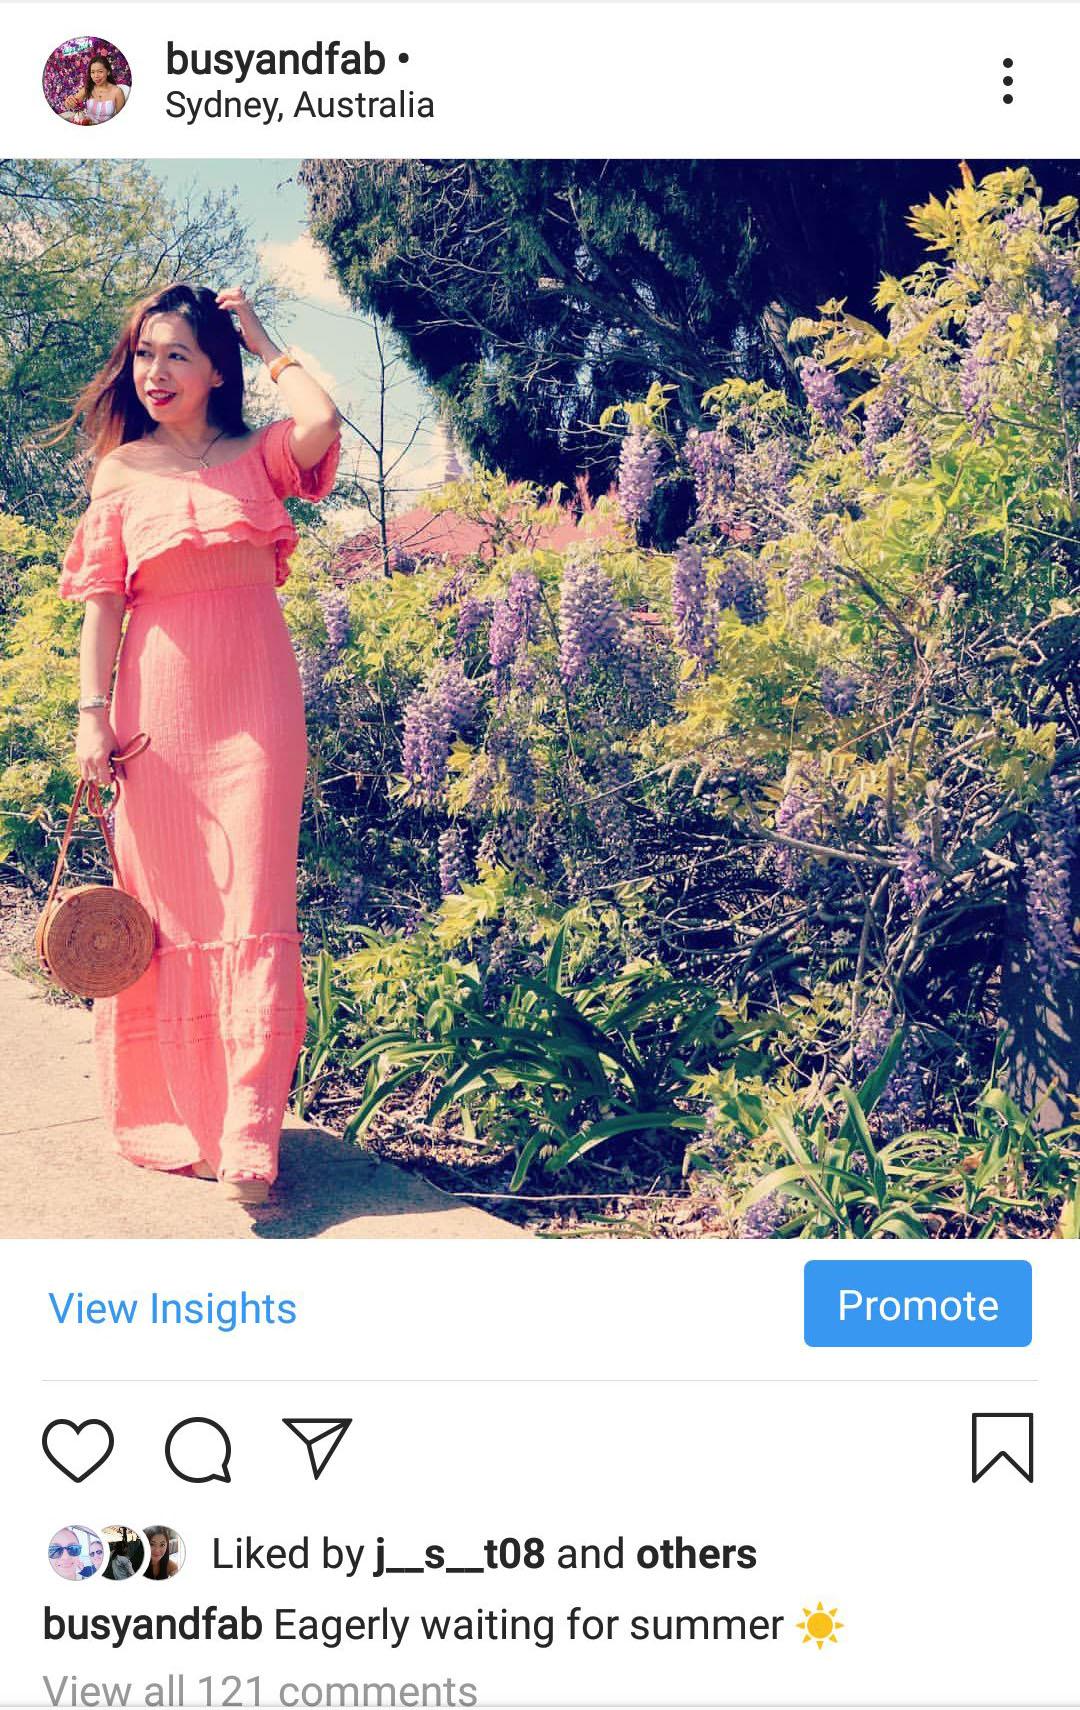 Instagram algorithm review